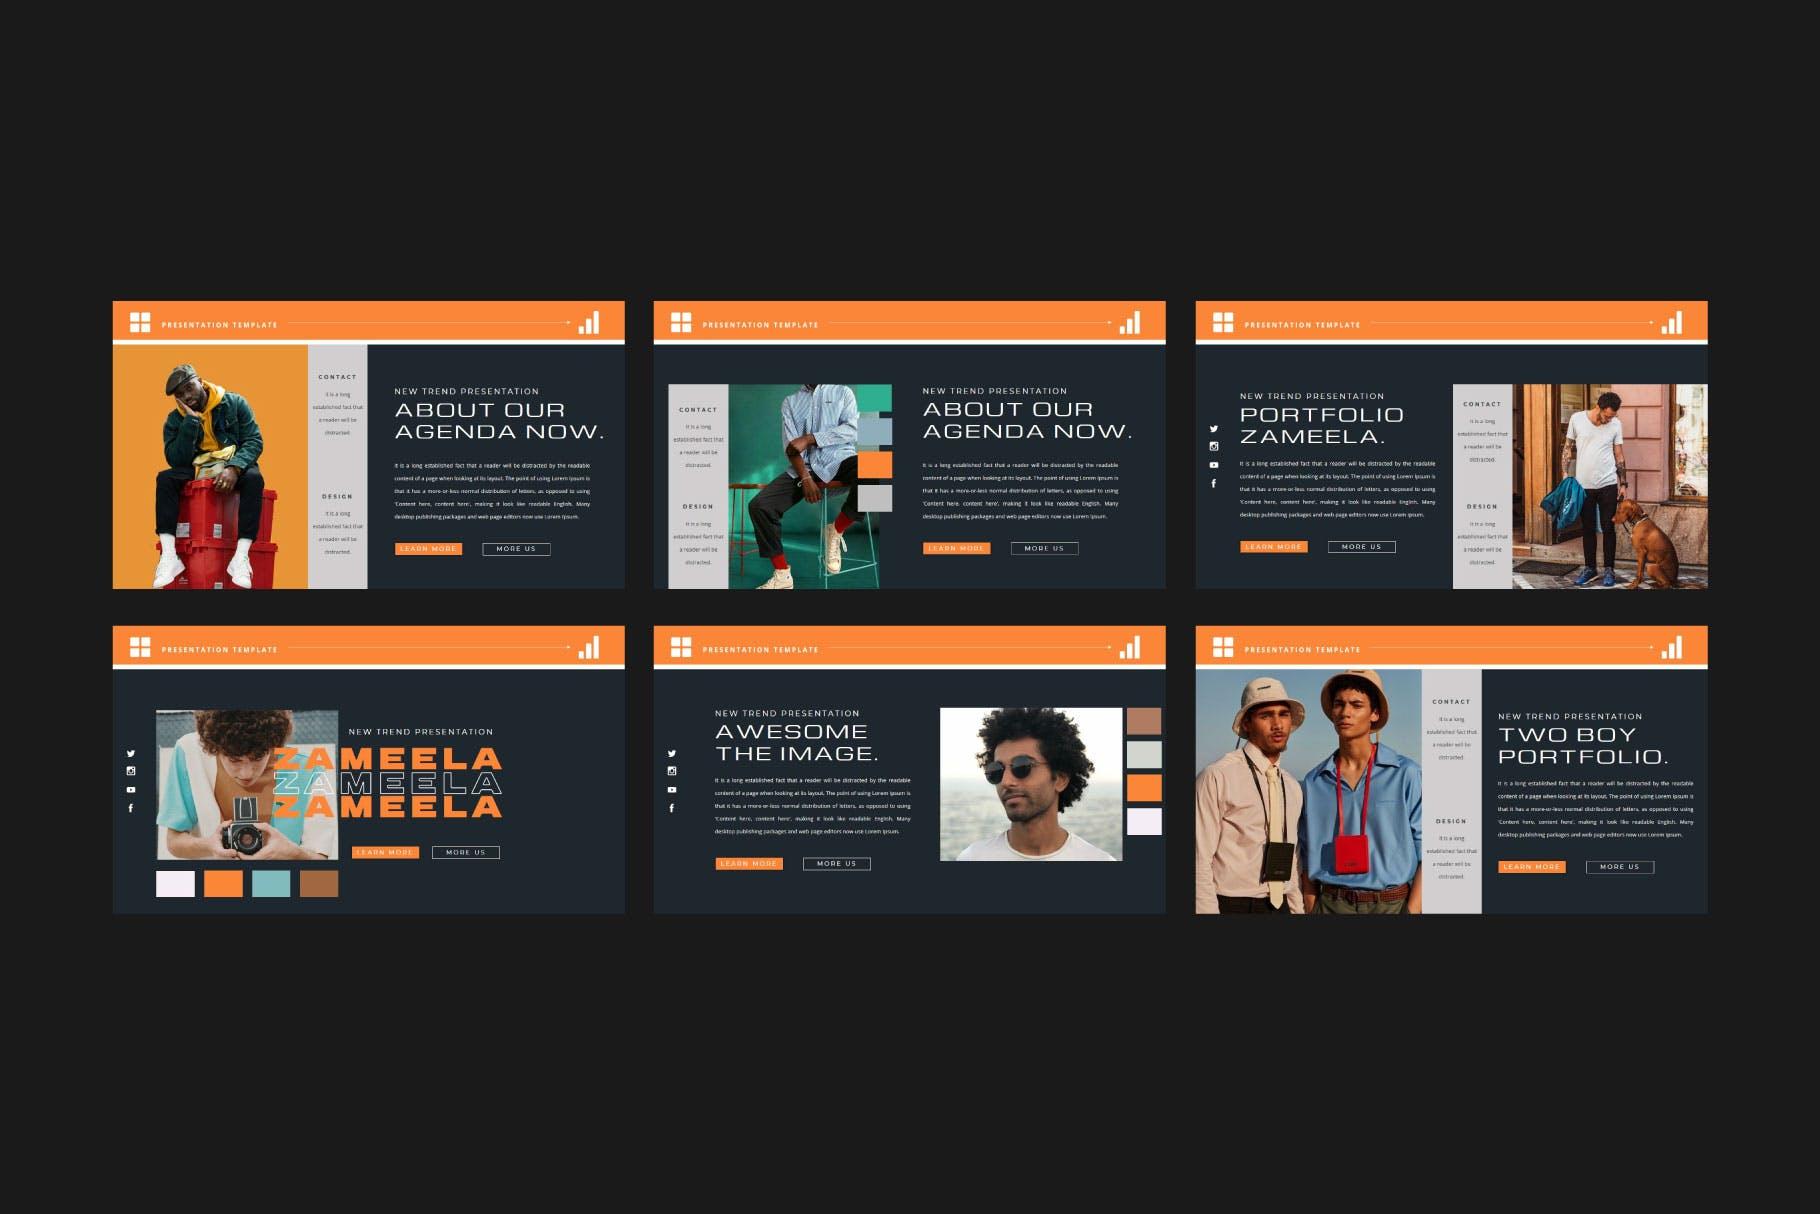 潮流品牌服装摄影作品集演示文稿设计模板 ZAMEELA Powerpoint Template插图7